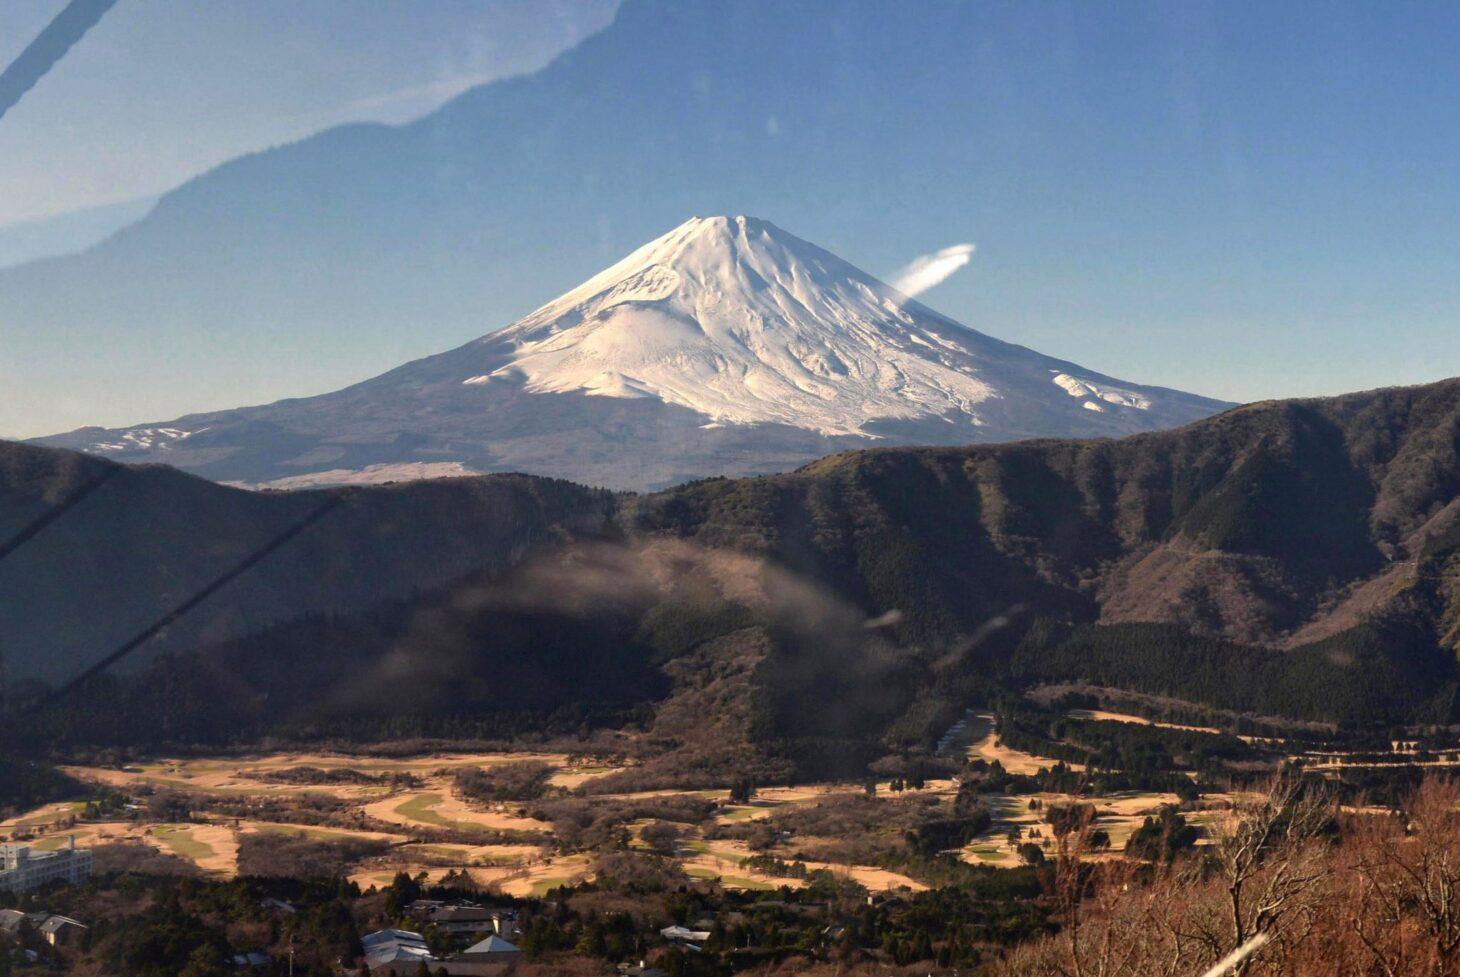 Mt. Fujismall